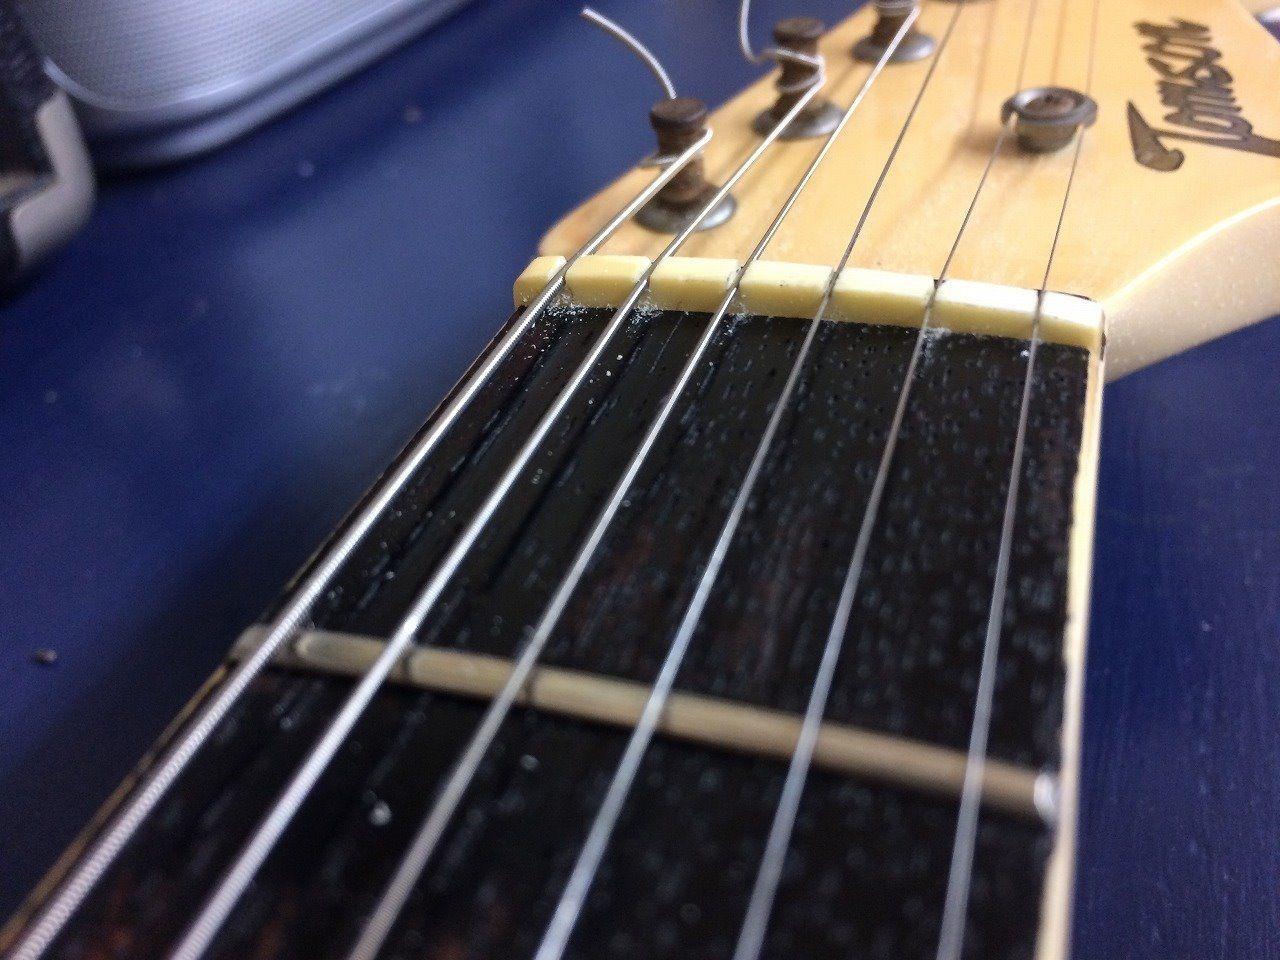 弦の上面が現れてきた。